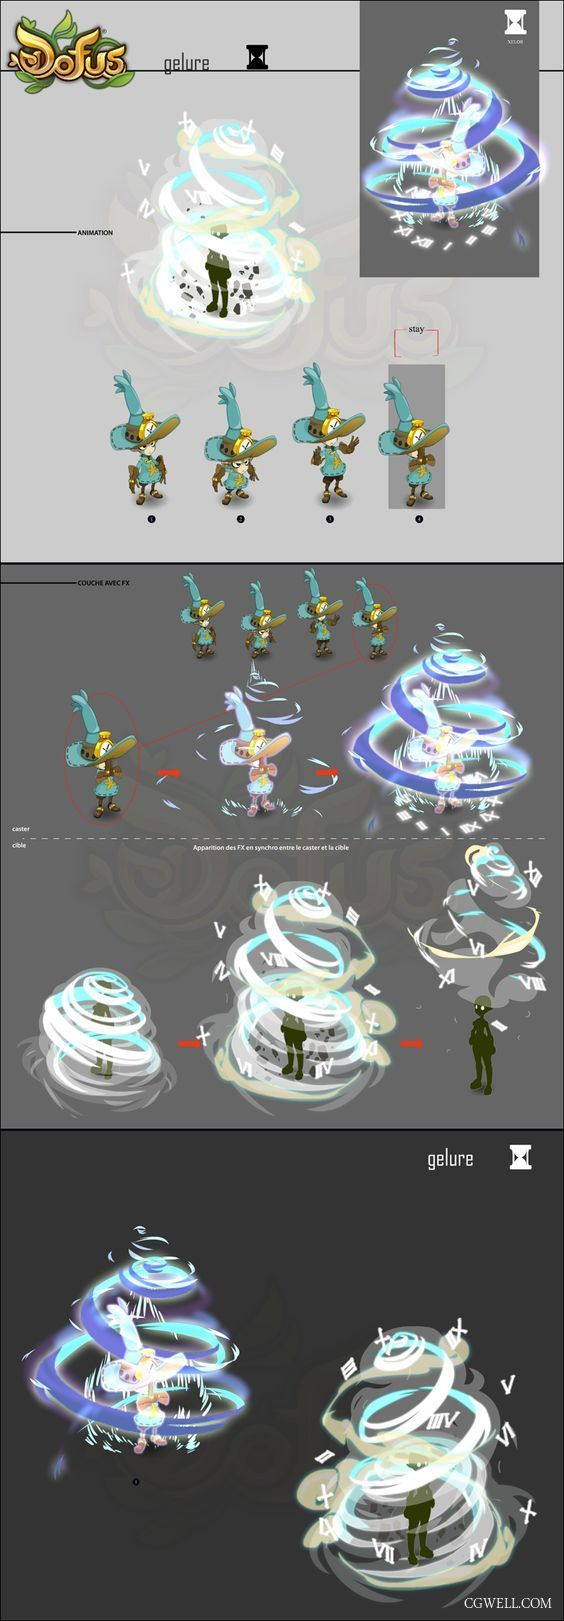 国外手绘特效图 - 手绘特效&动漫gif - CGwell CG薇儿论坛,最专业的游戏特效师,动画师社区 - Powered by Discuz!